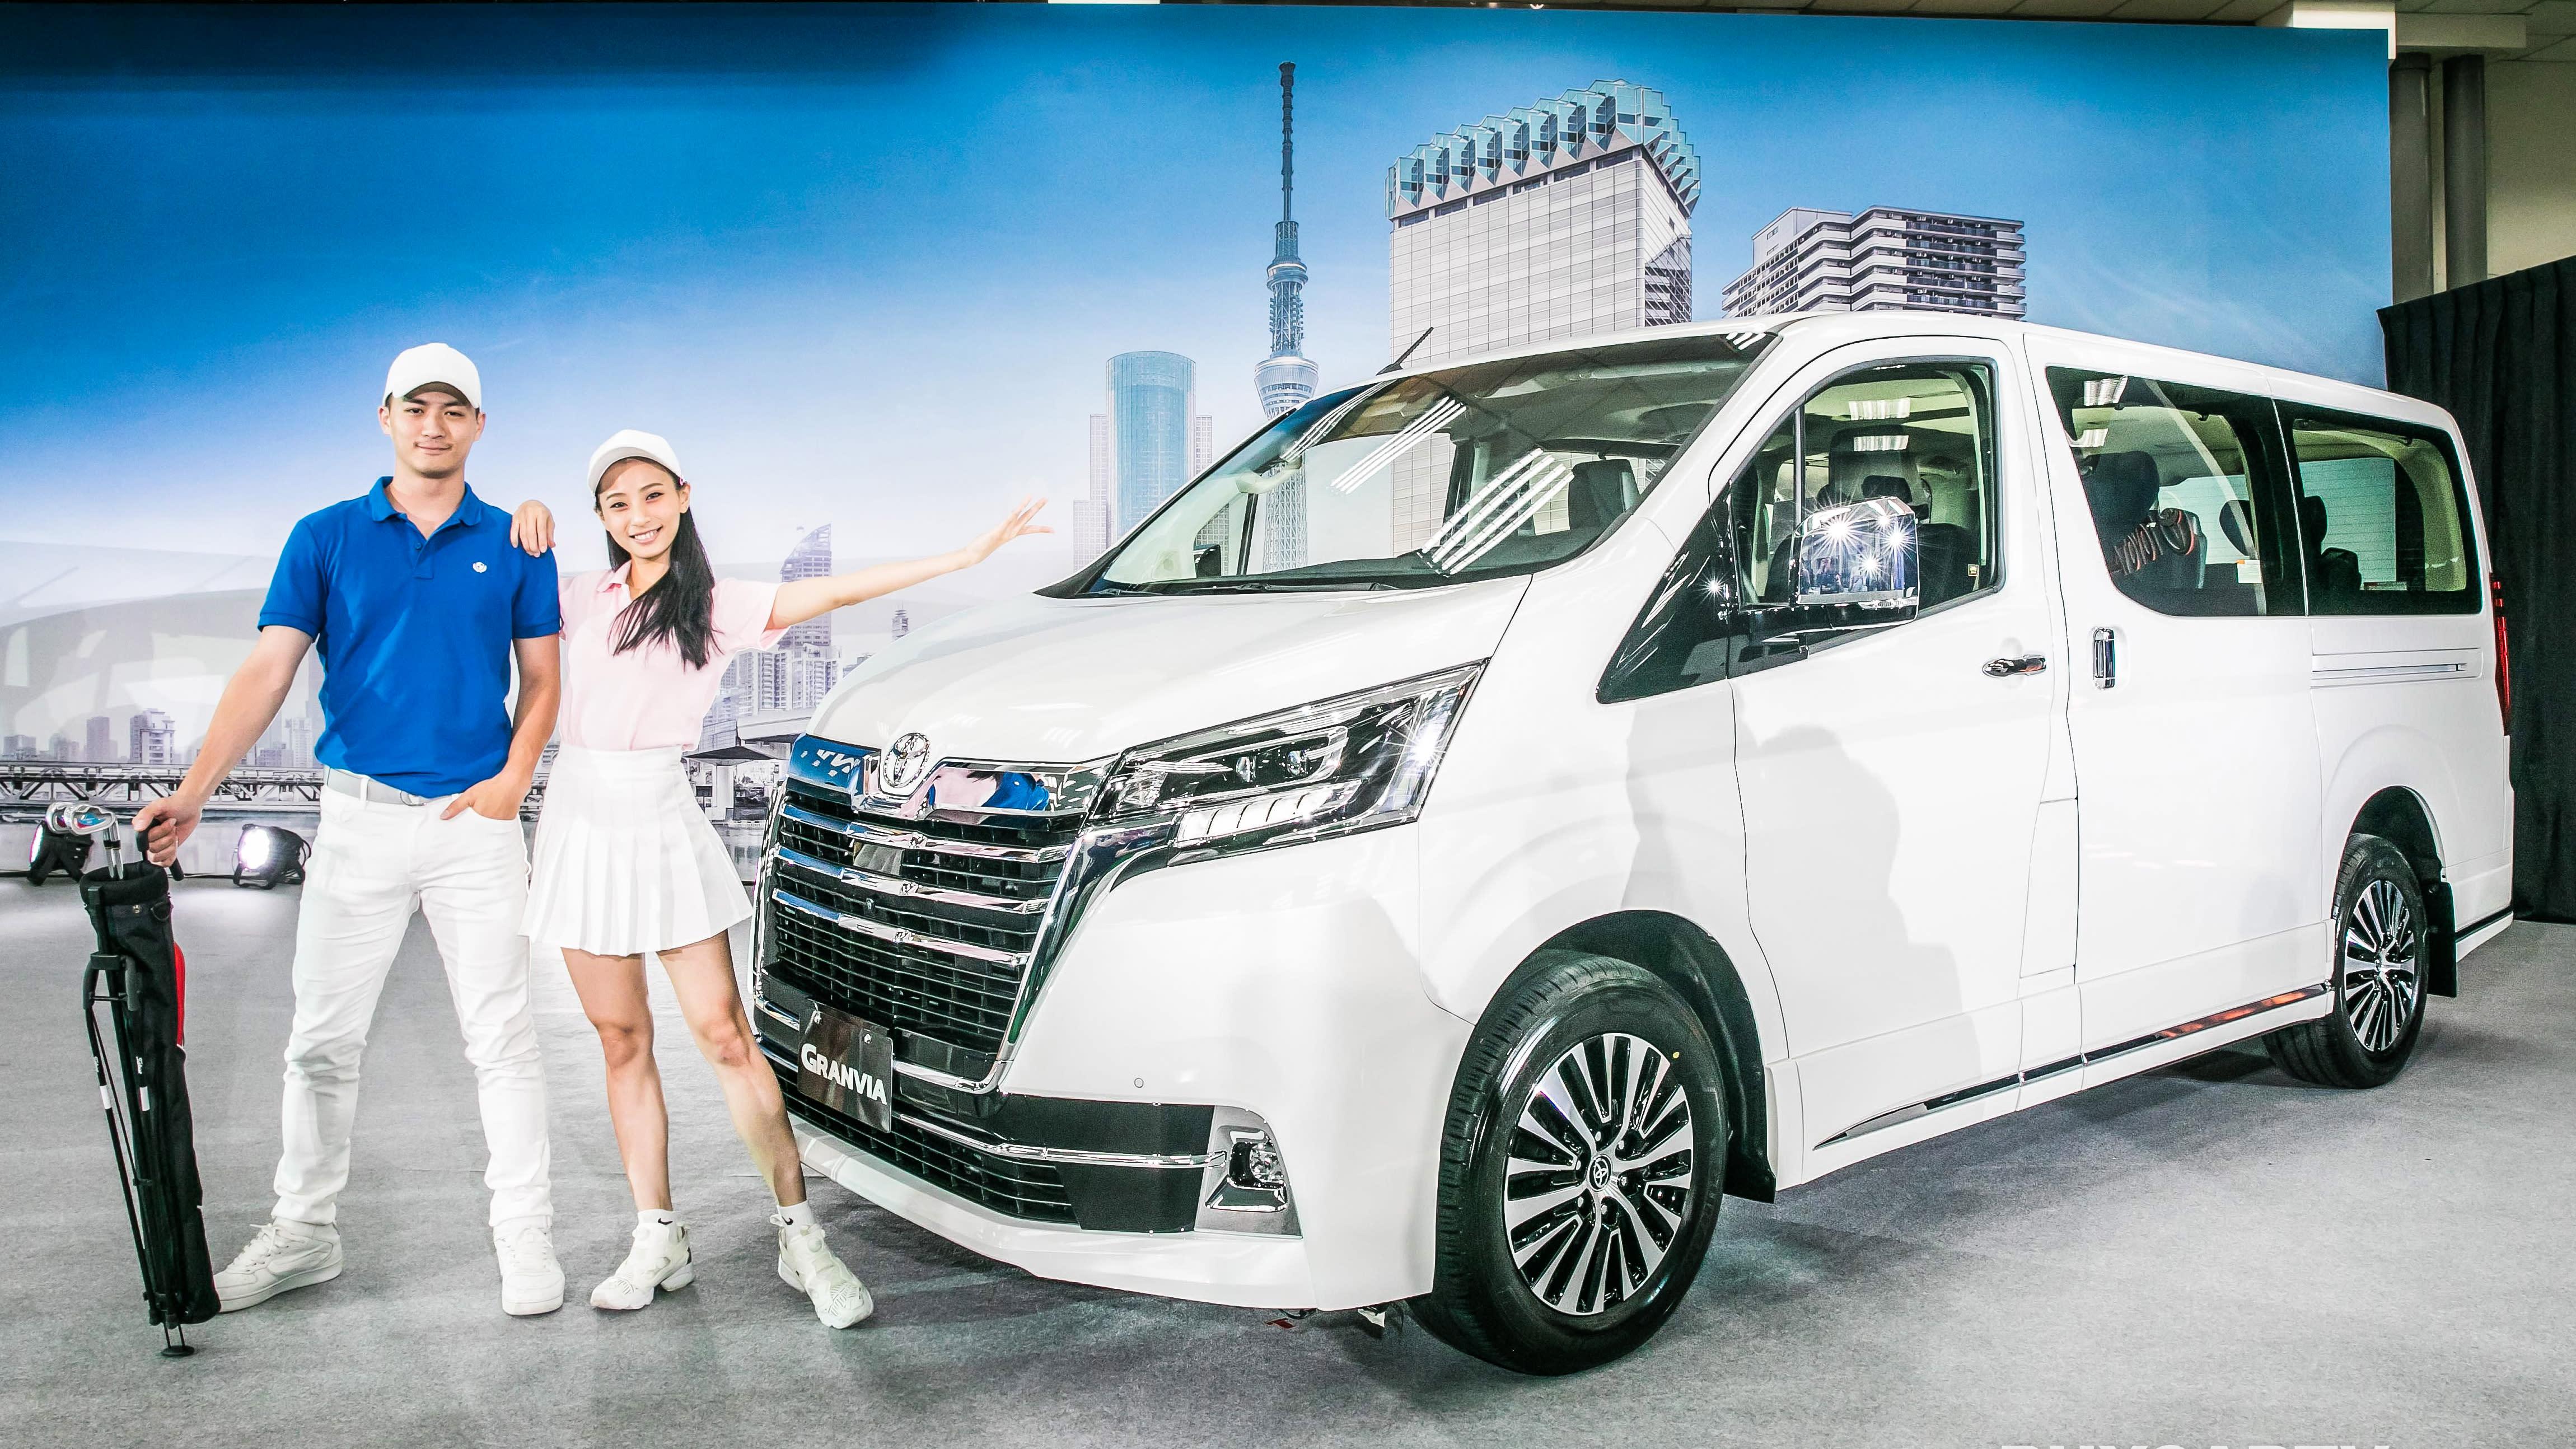 頭家看過來!豪華商務新選擇|Toyota GRANVIA 上市發表會